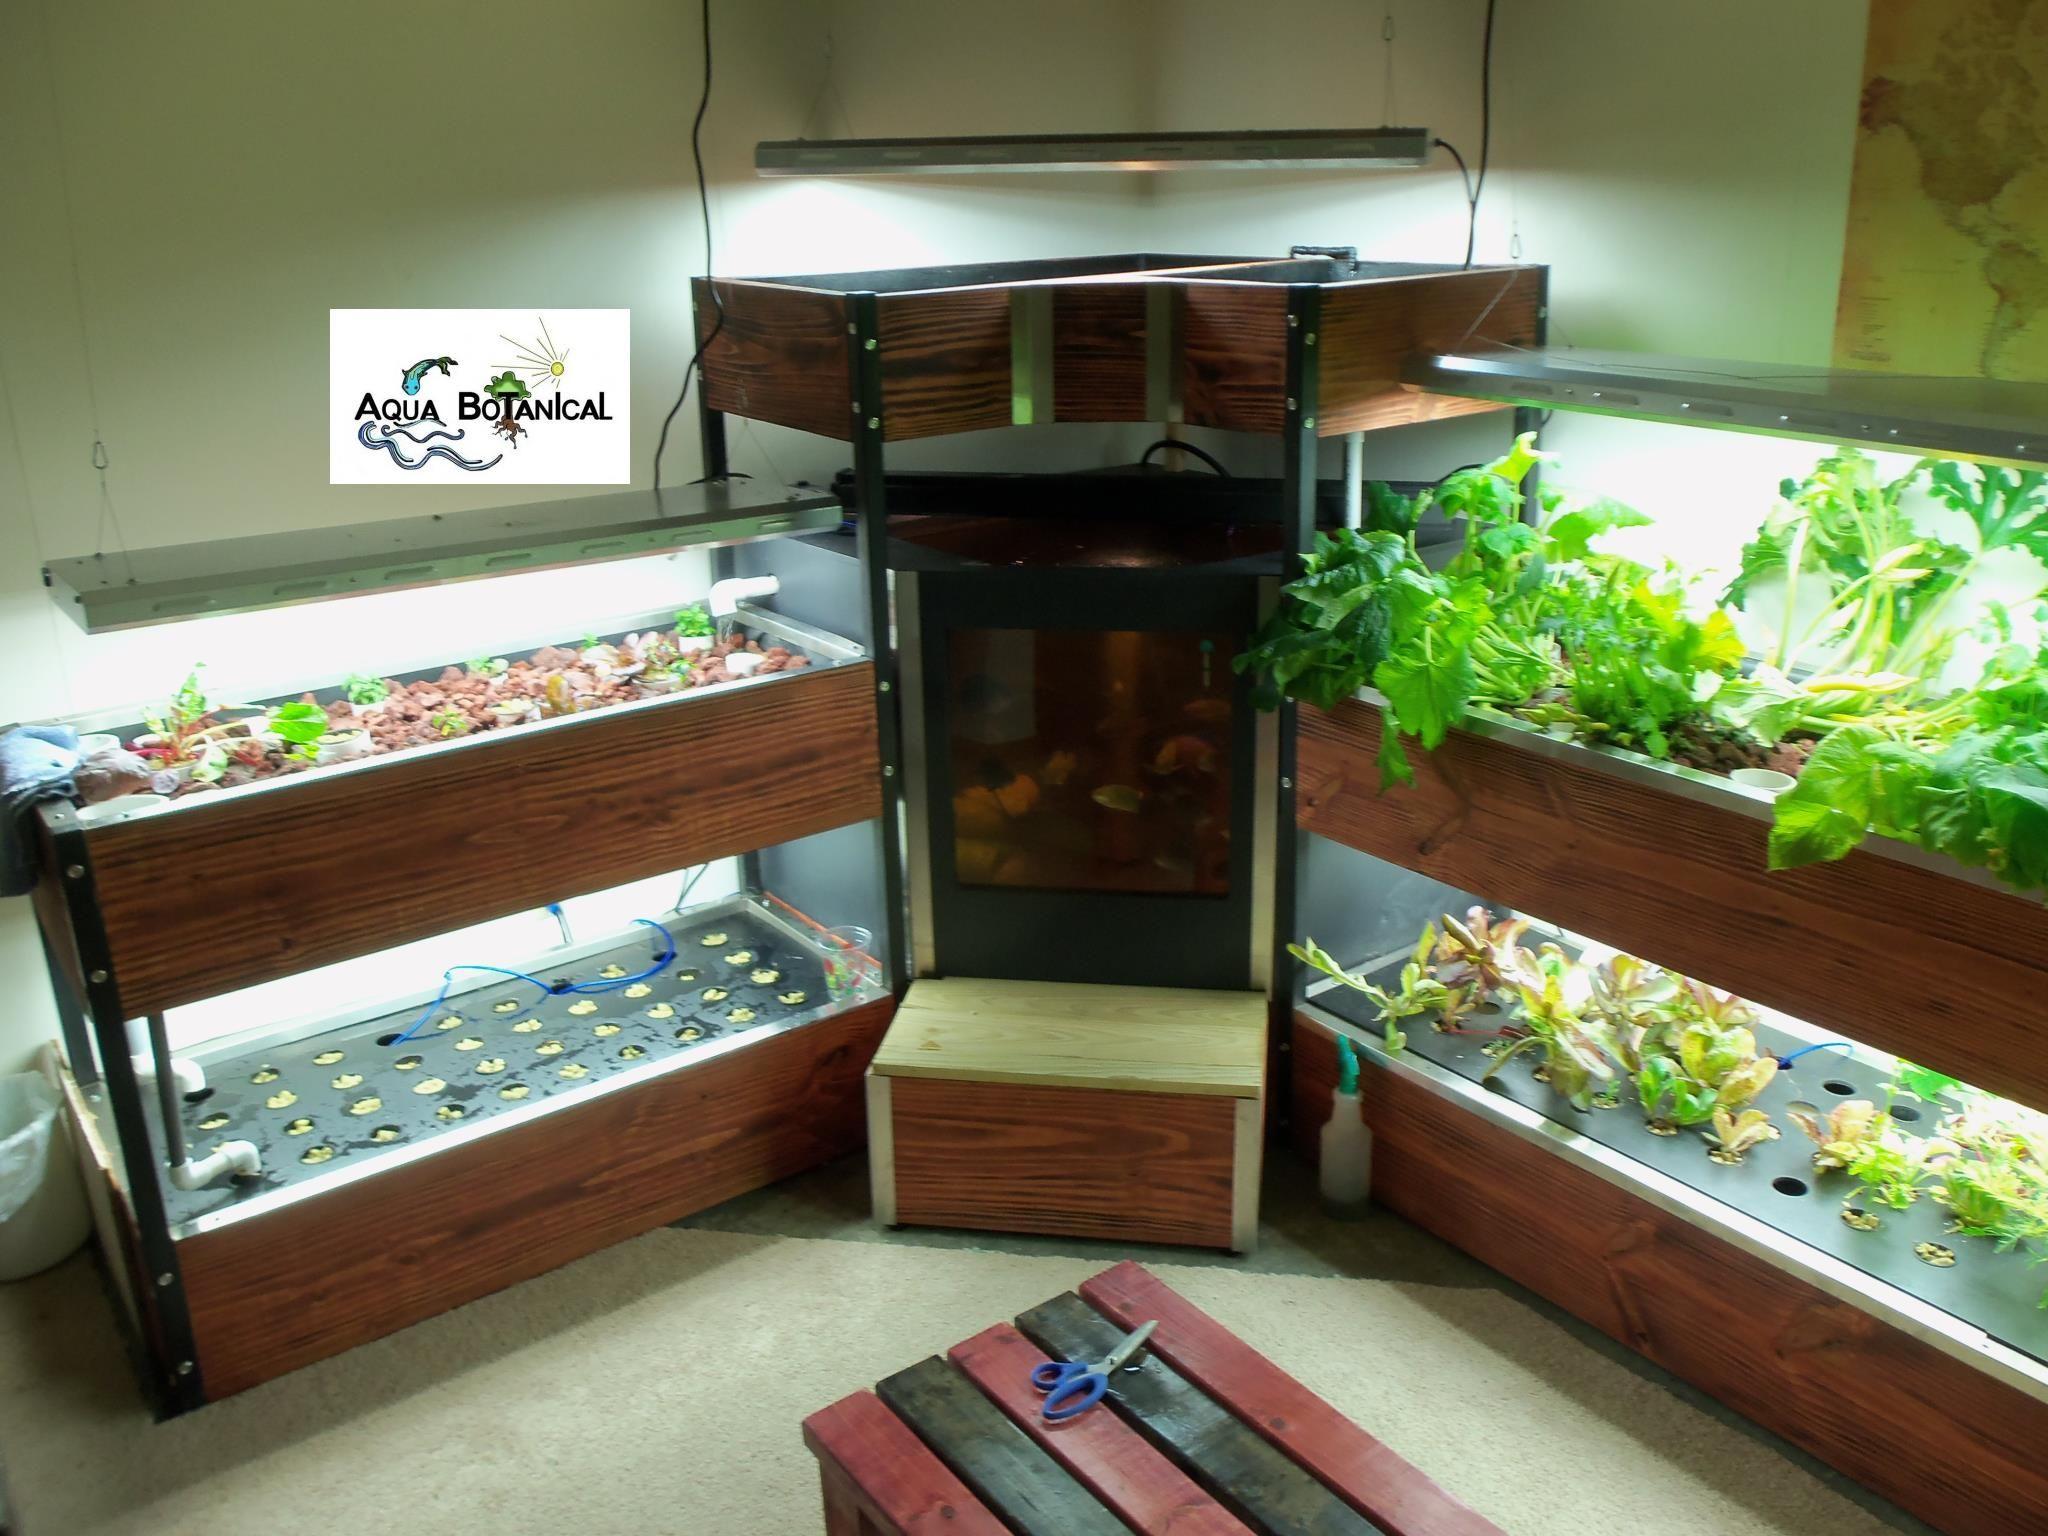 Indoor Aquaponics5913 7 – Aqua Botanical Aquaponics 640 x 480